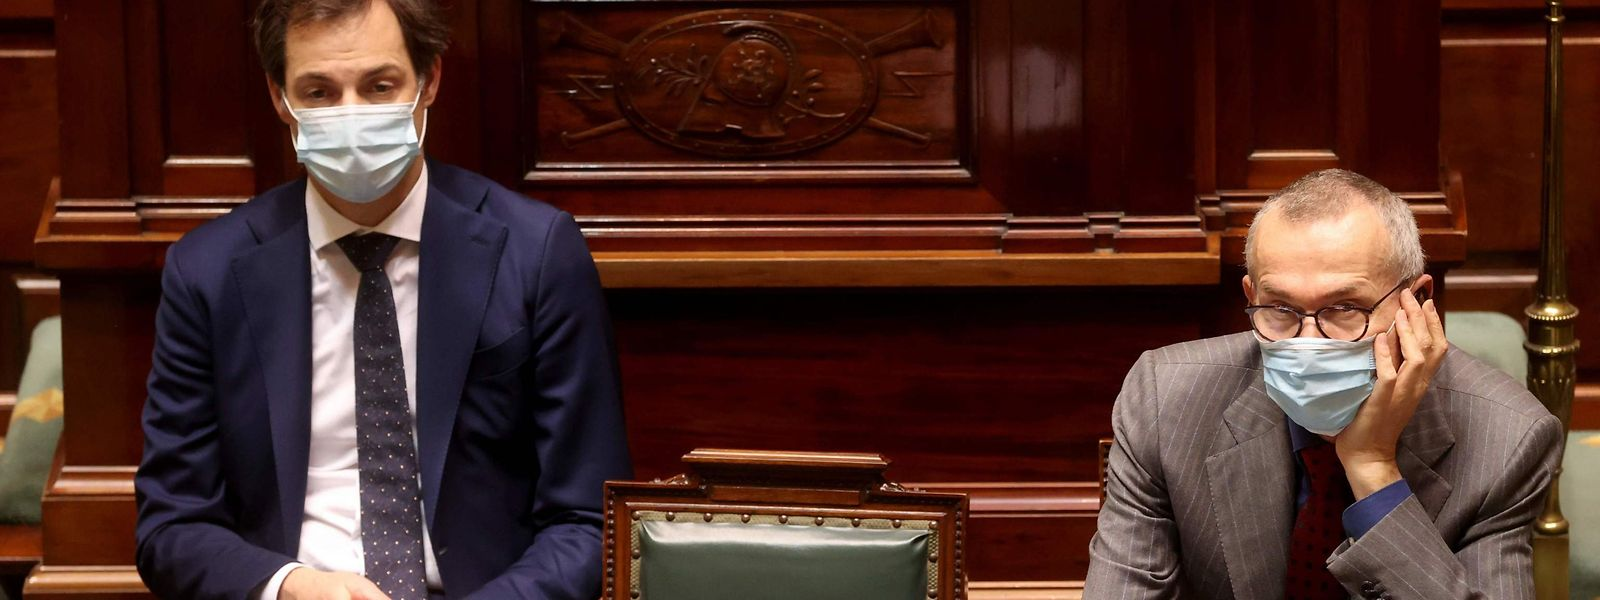 Le Premier ministre Alexander De Croo et le vice-Premier ministre (en charge de la Santé) Frank Vandenbroucke vont-ils trop loin dans les restrictions imposées?